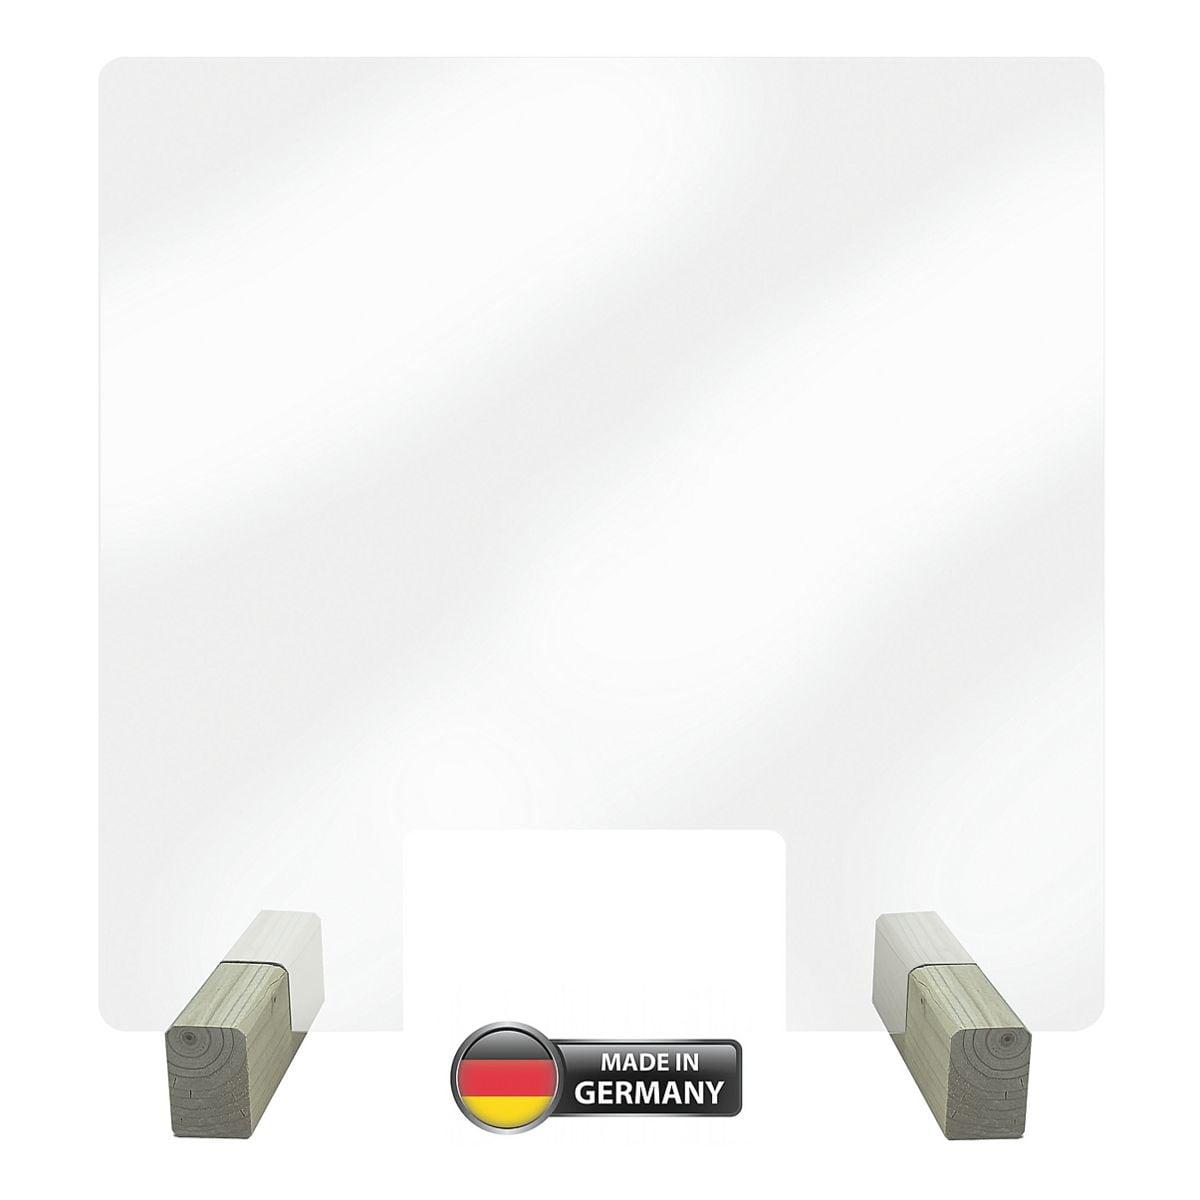 LMG Paroi de protection transparente contre projections nasales et buccales 50 x 50 cm